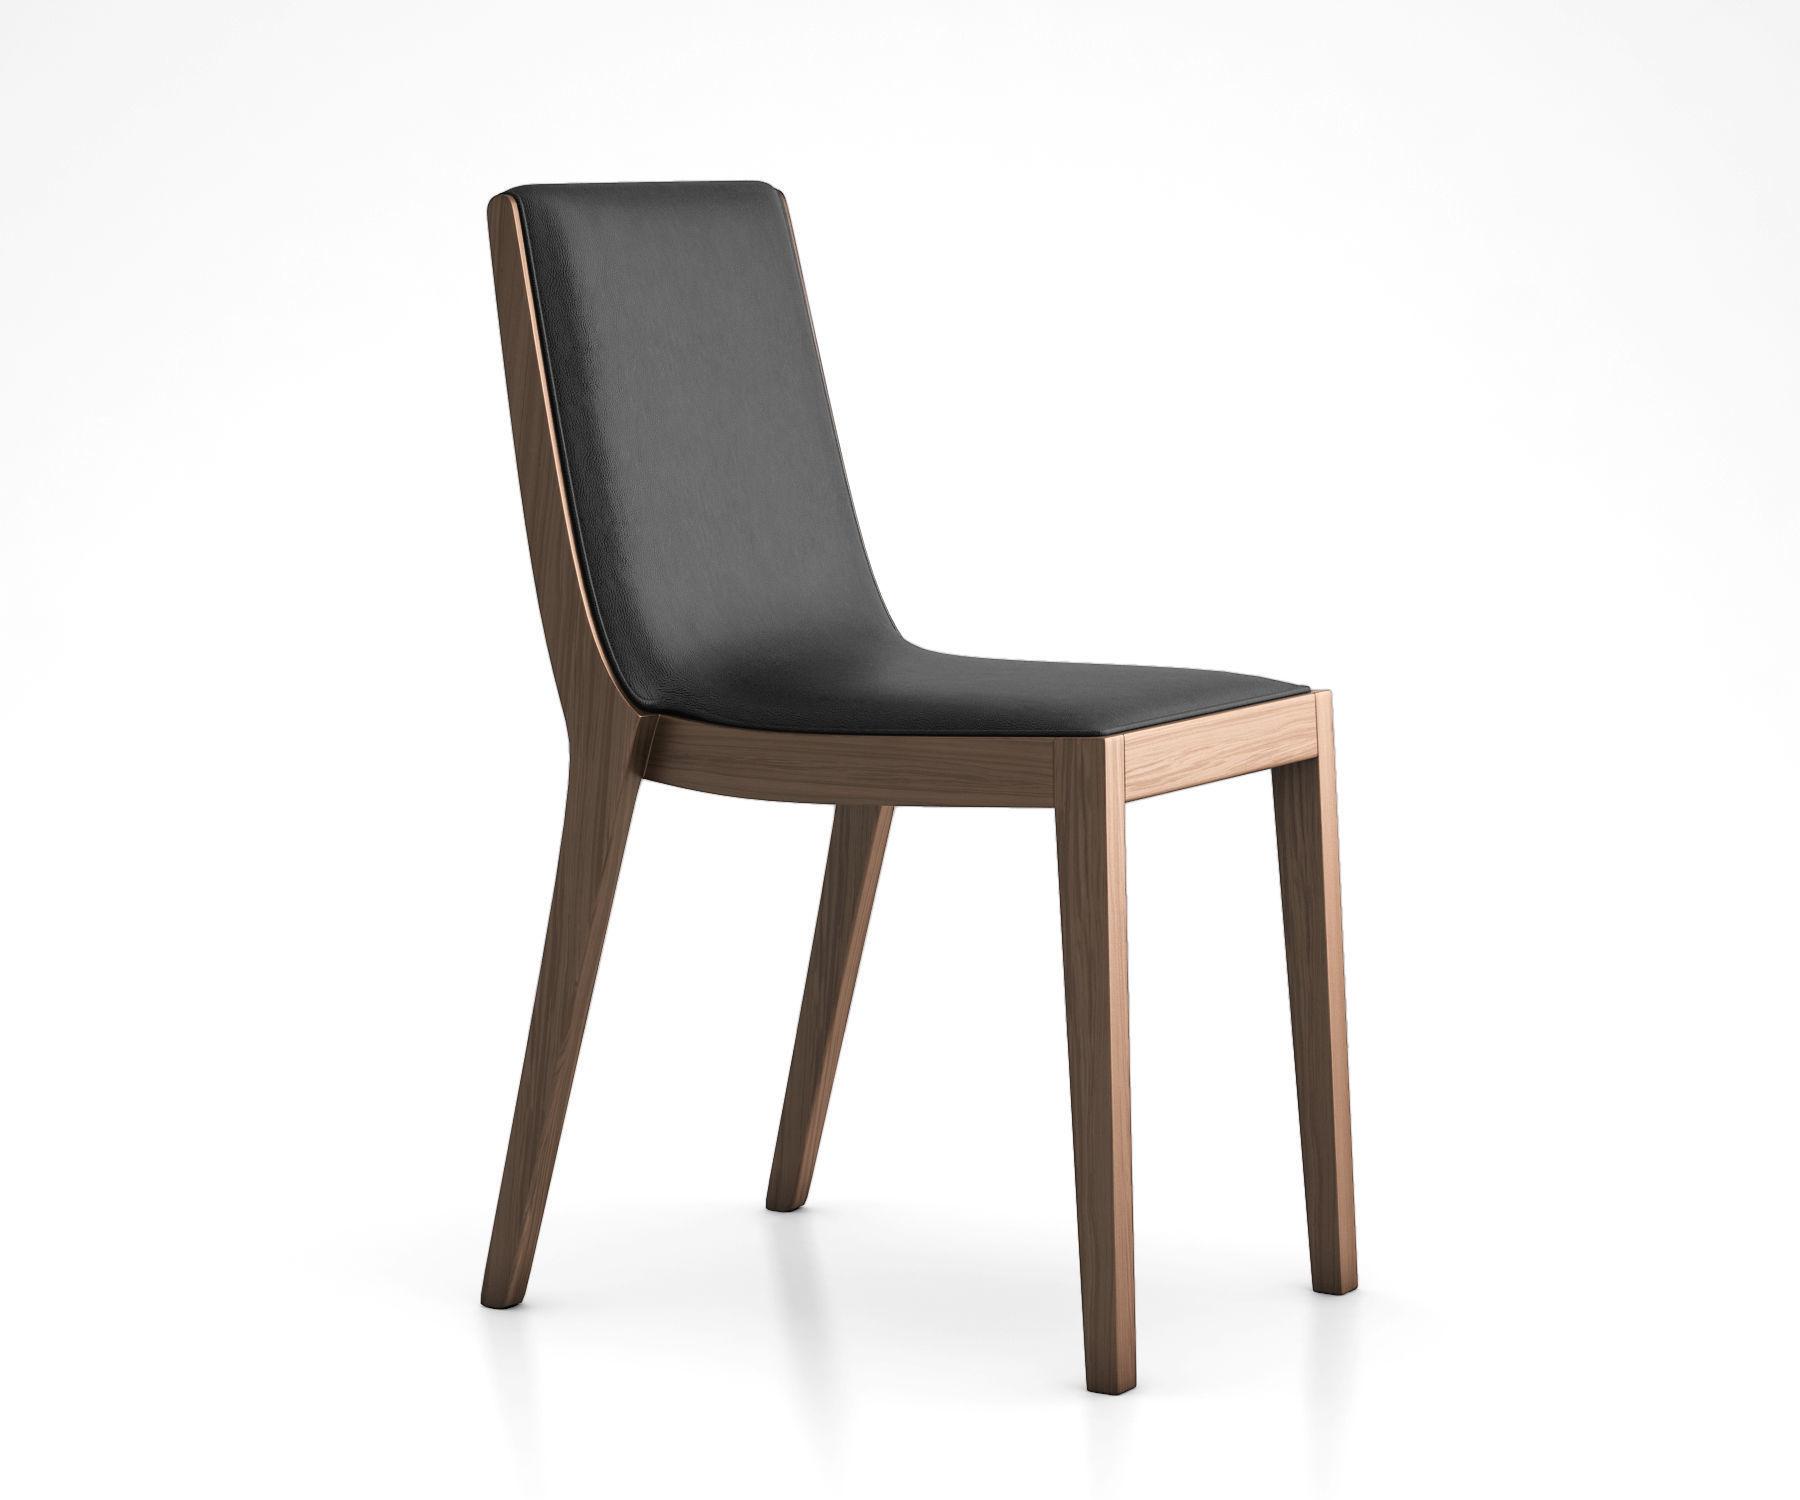 Moka chair by Fornasarig